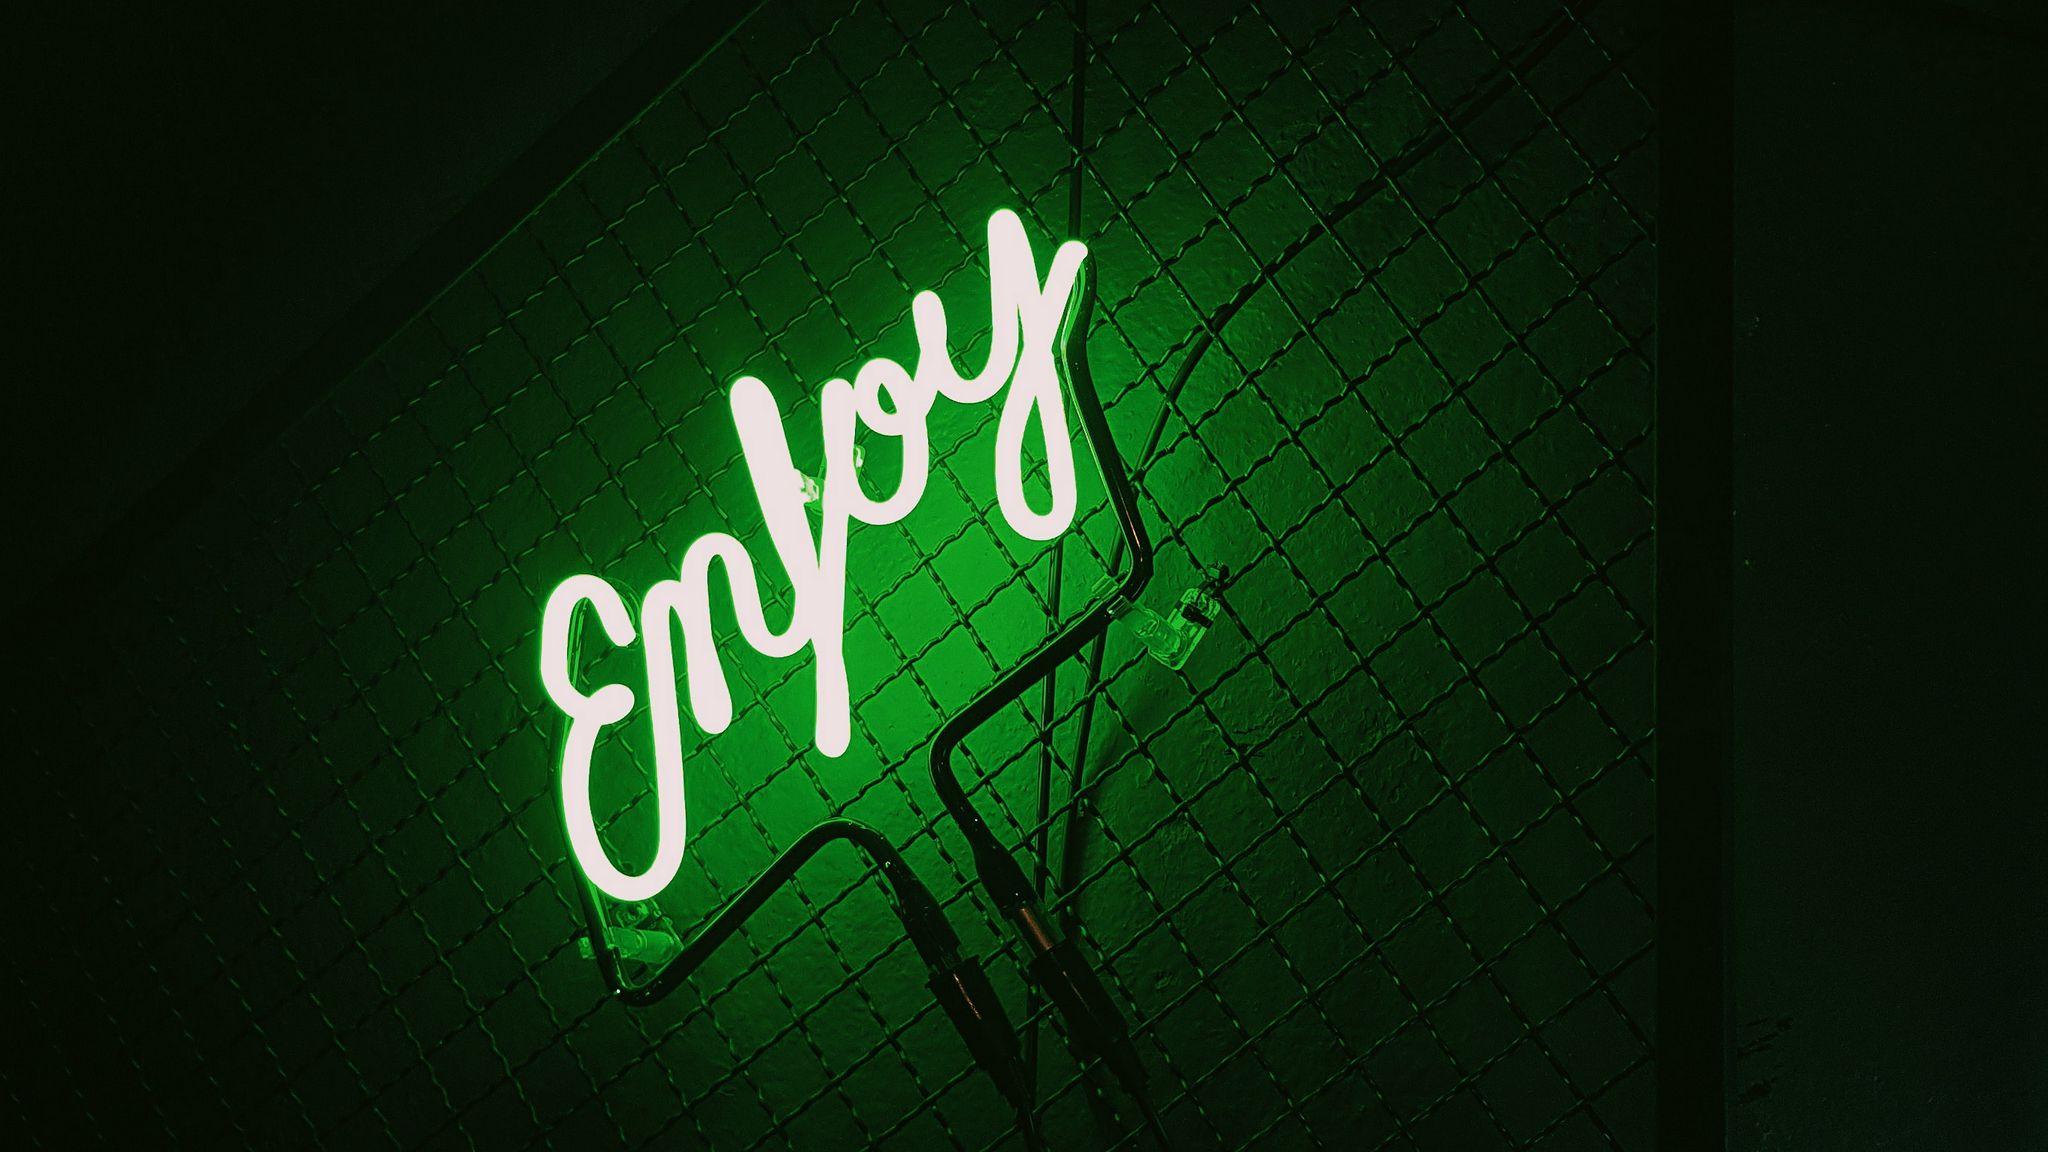 2048x1152 Wallpaper inscription, neon, backlight, green, dark